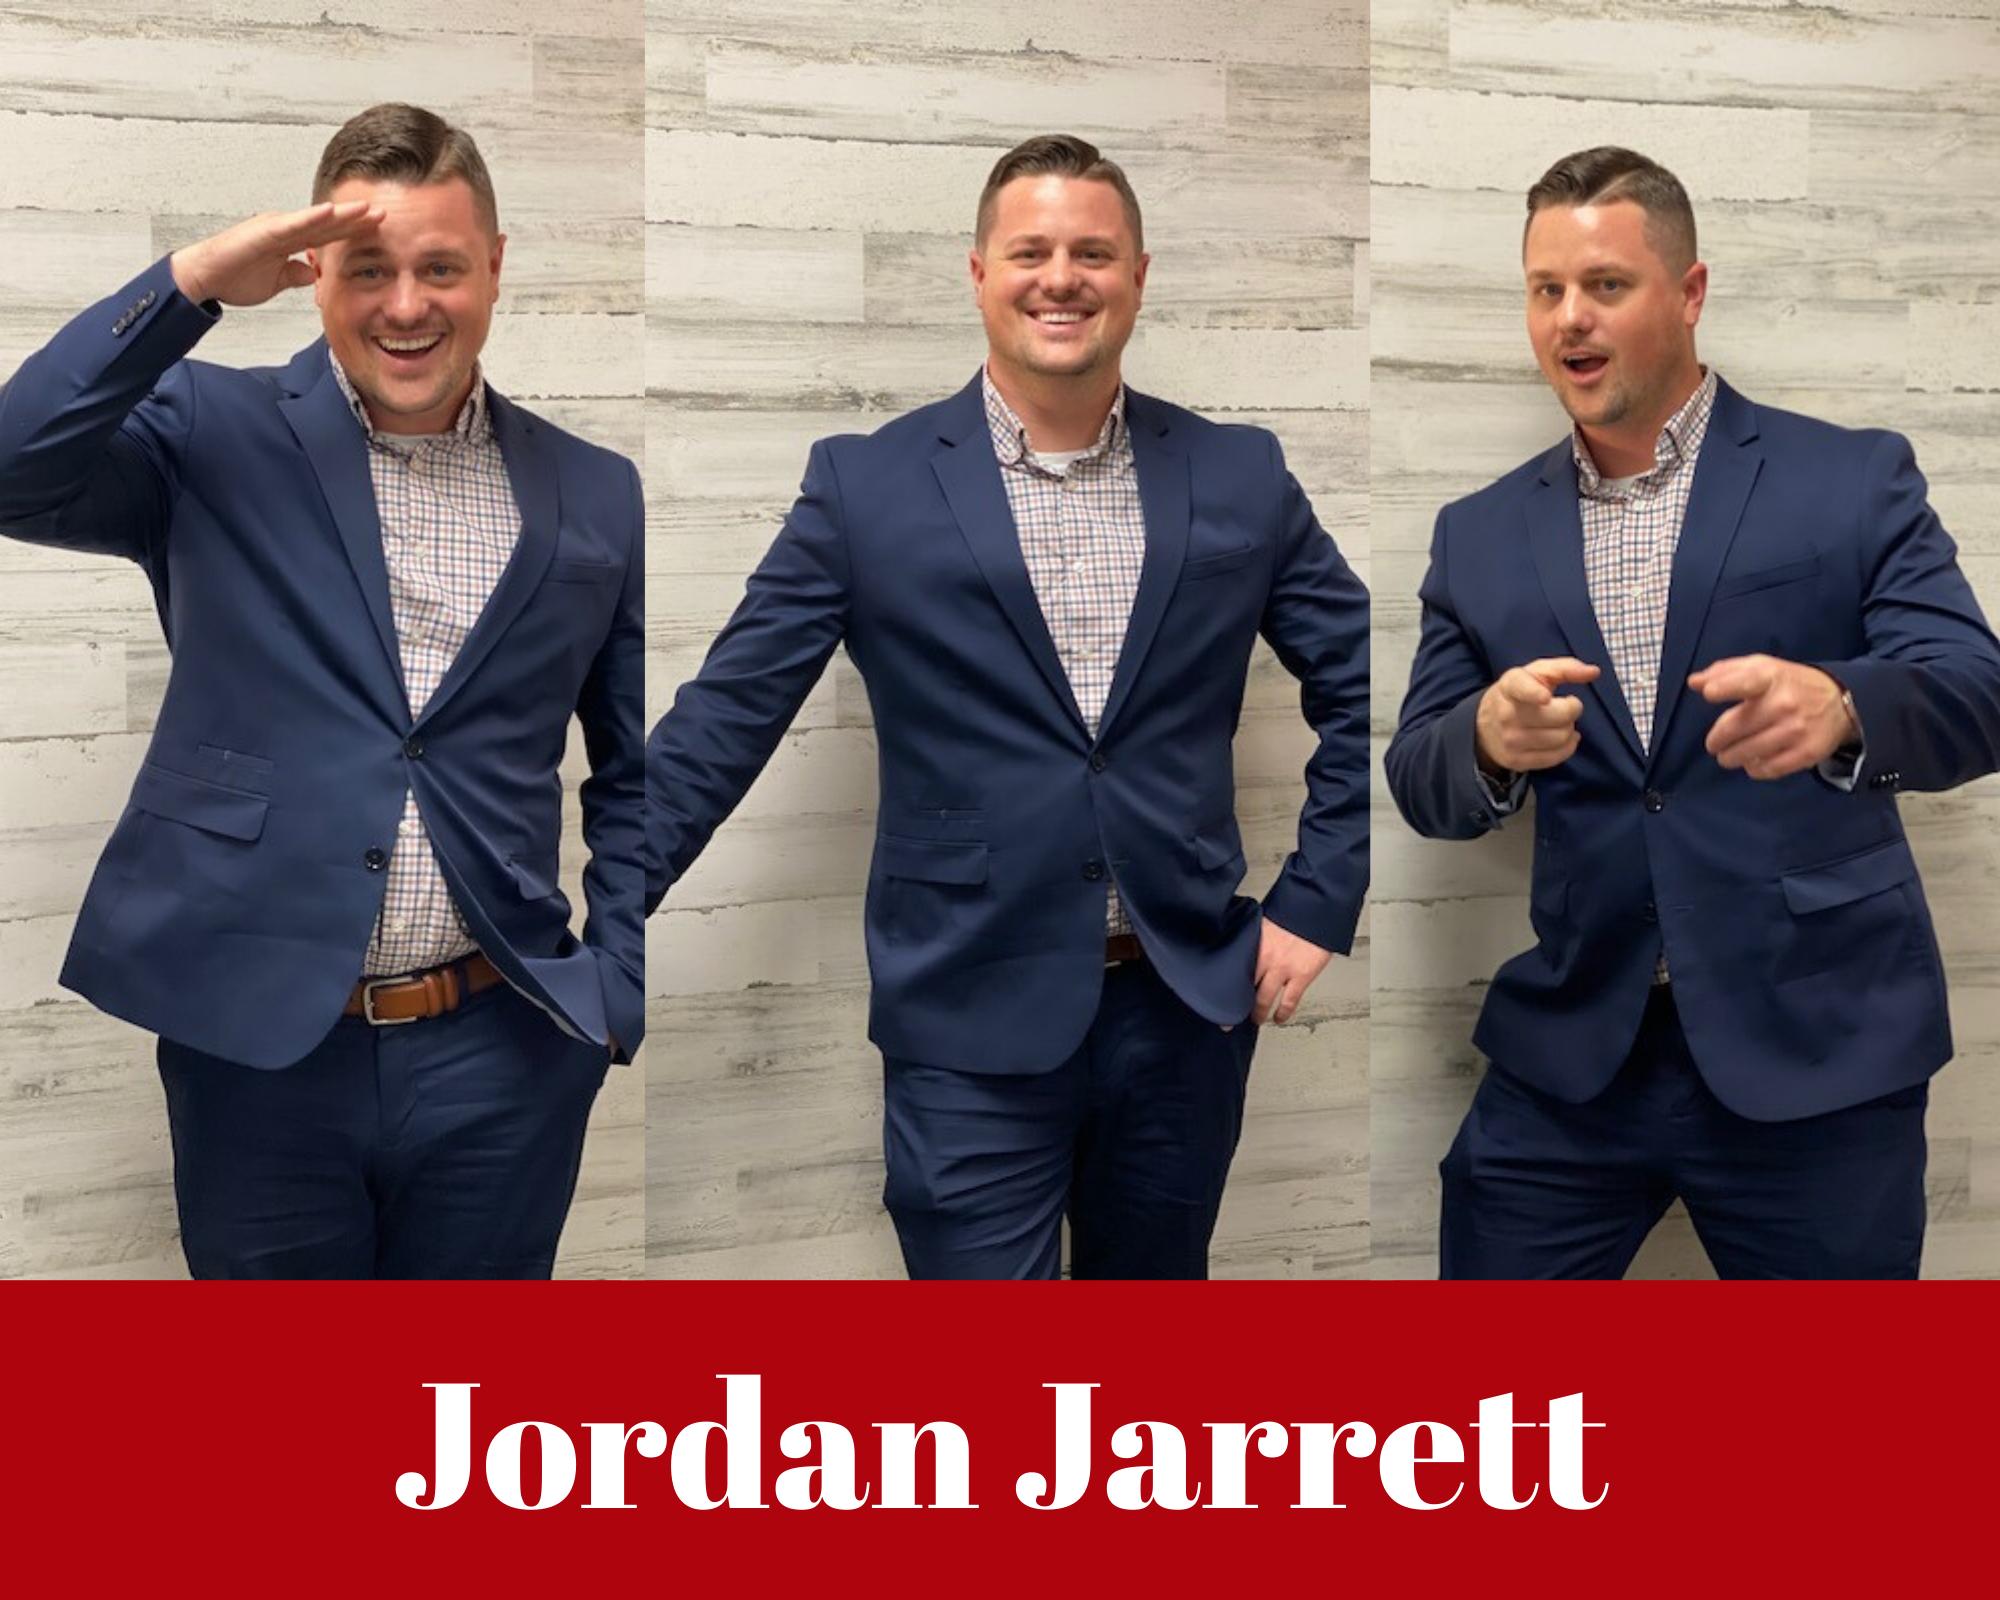 TLG Team Spotlight - Jordan Jarrett